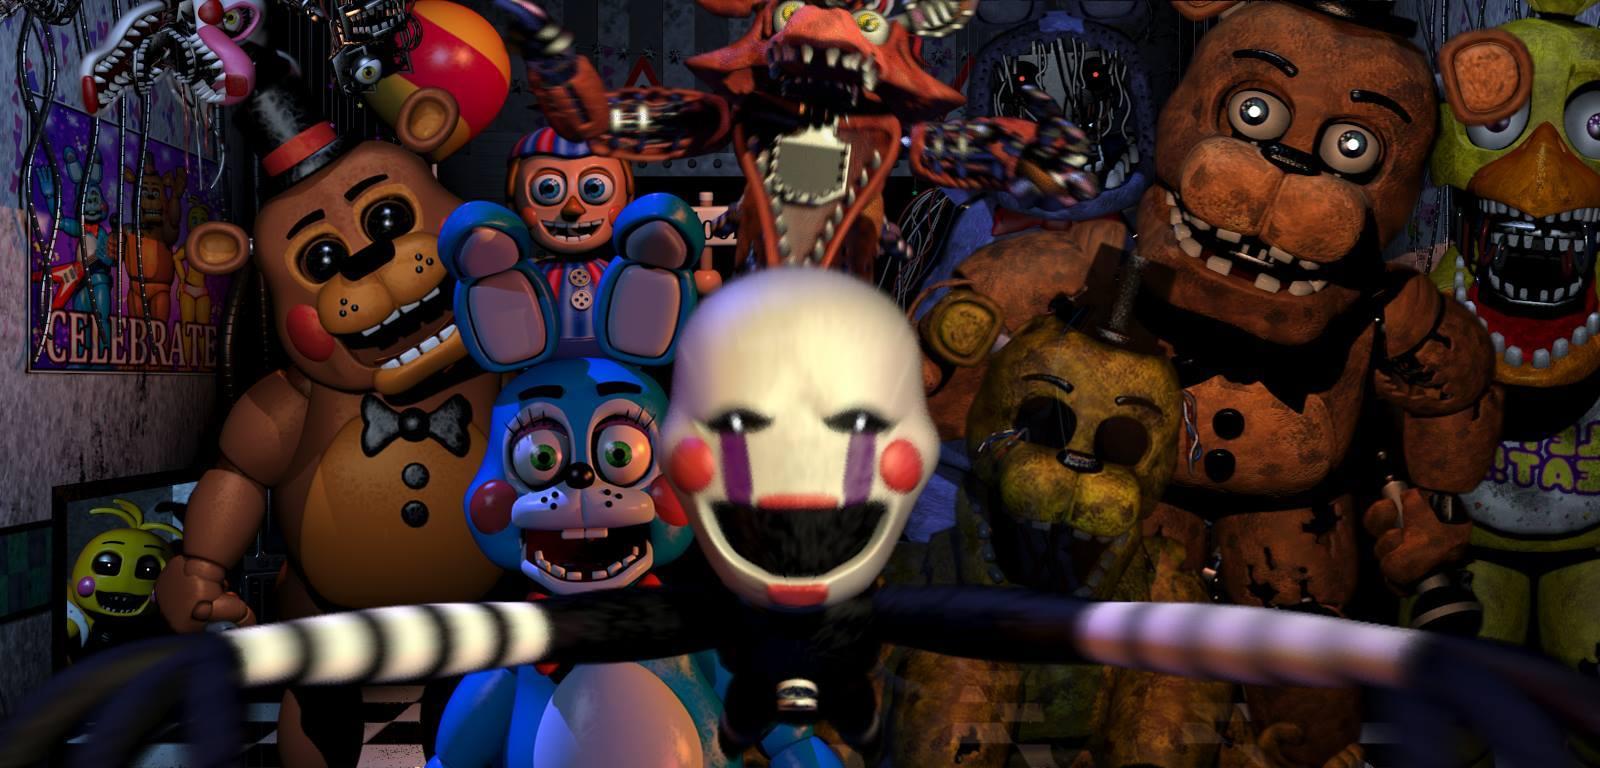 Filmowa adaptacja gier Five Nights at Freddy's ma już swojego reżysera